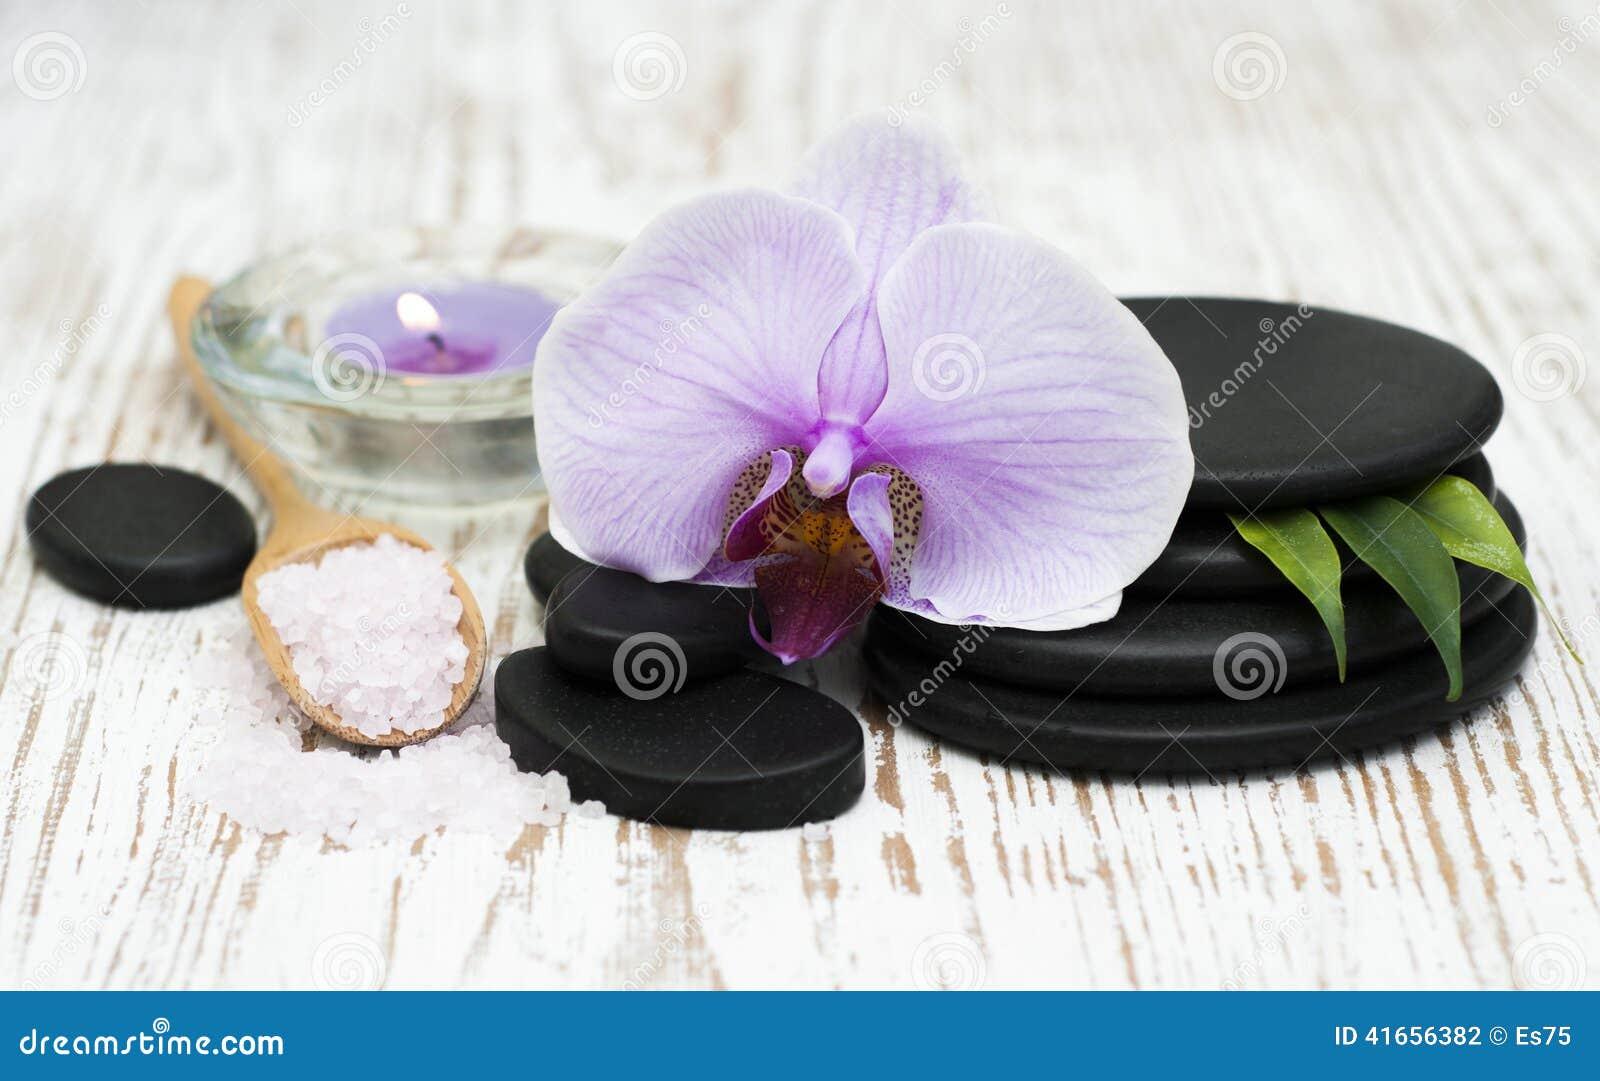 спа мыла молока самоцвета икры тела ванны вспомогательного оборудования облицовывает полотенца